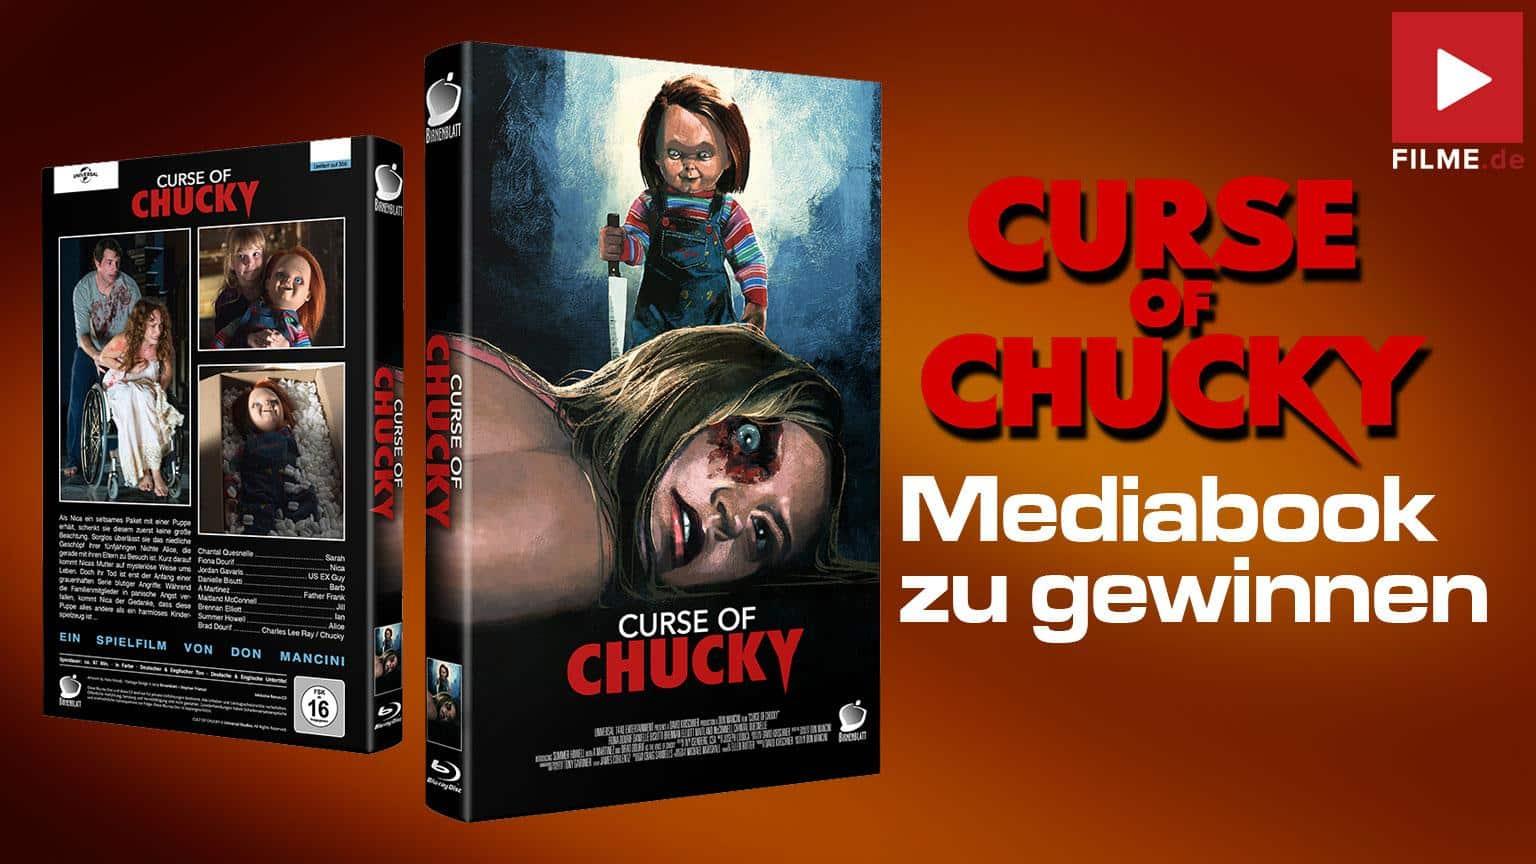 Curse of chucky Gewinnspiel Artikelbild